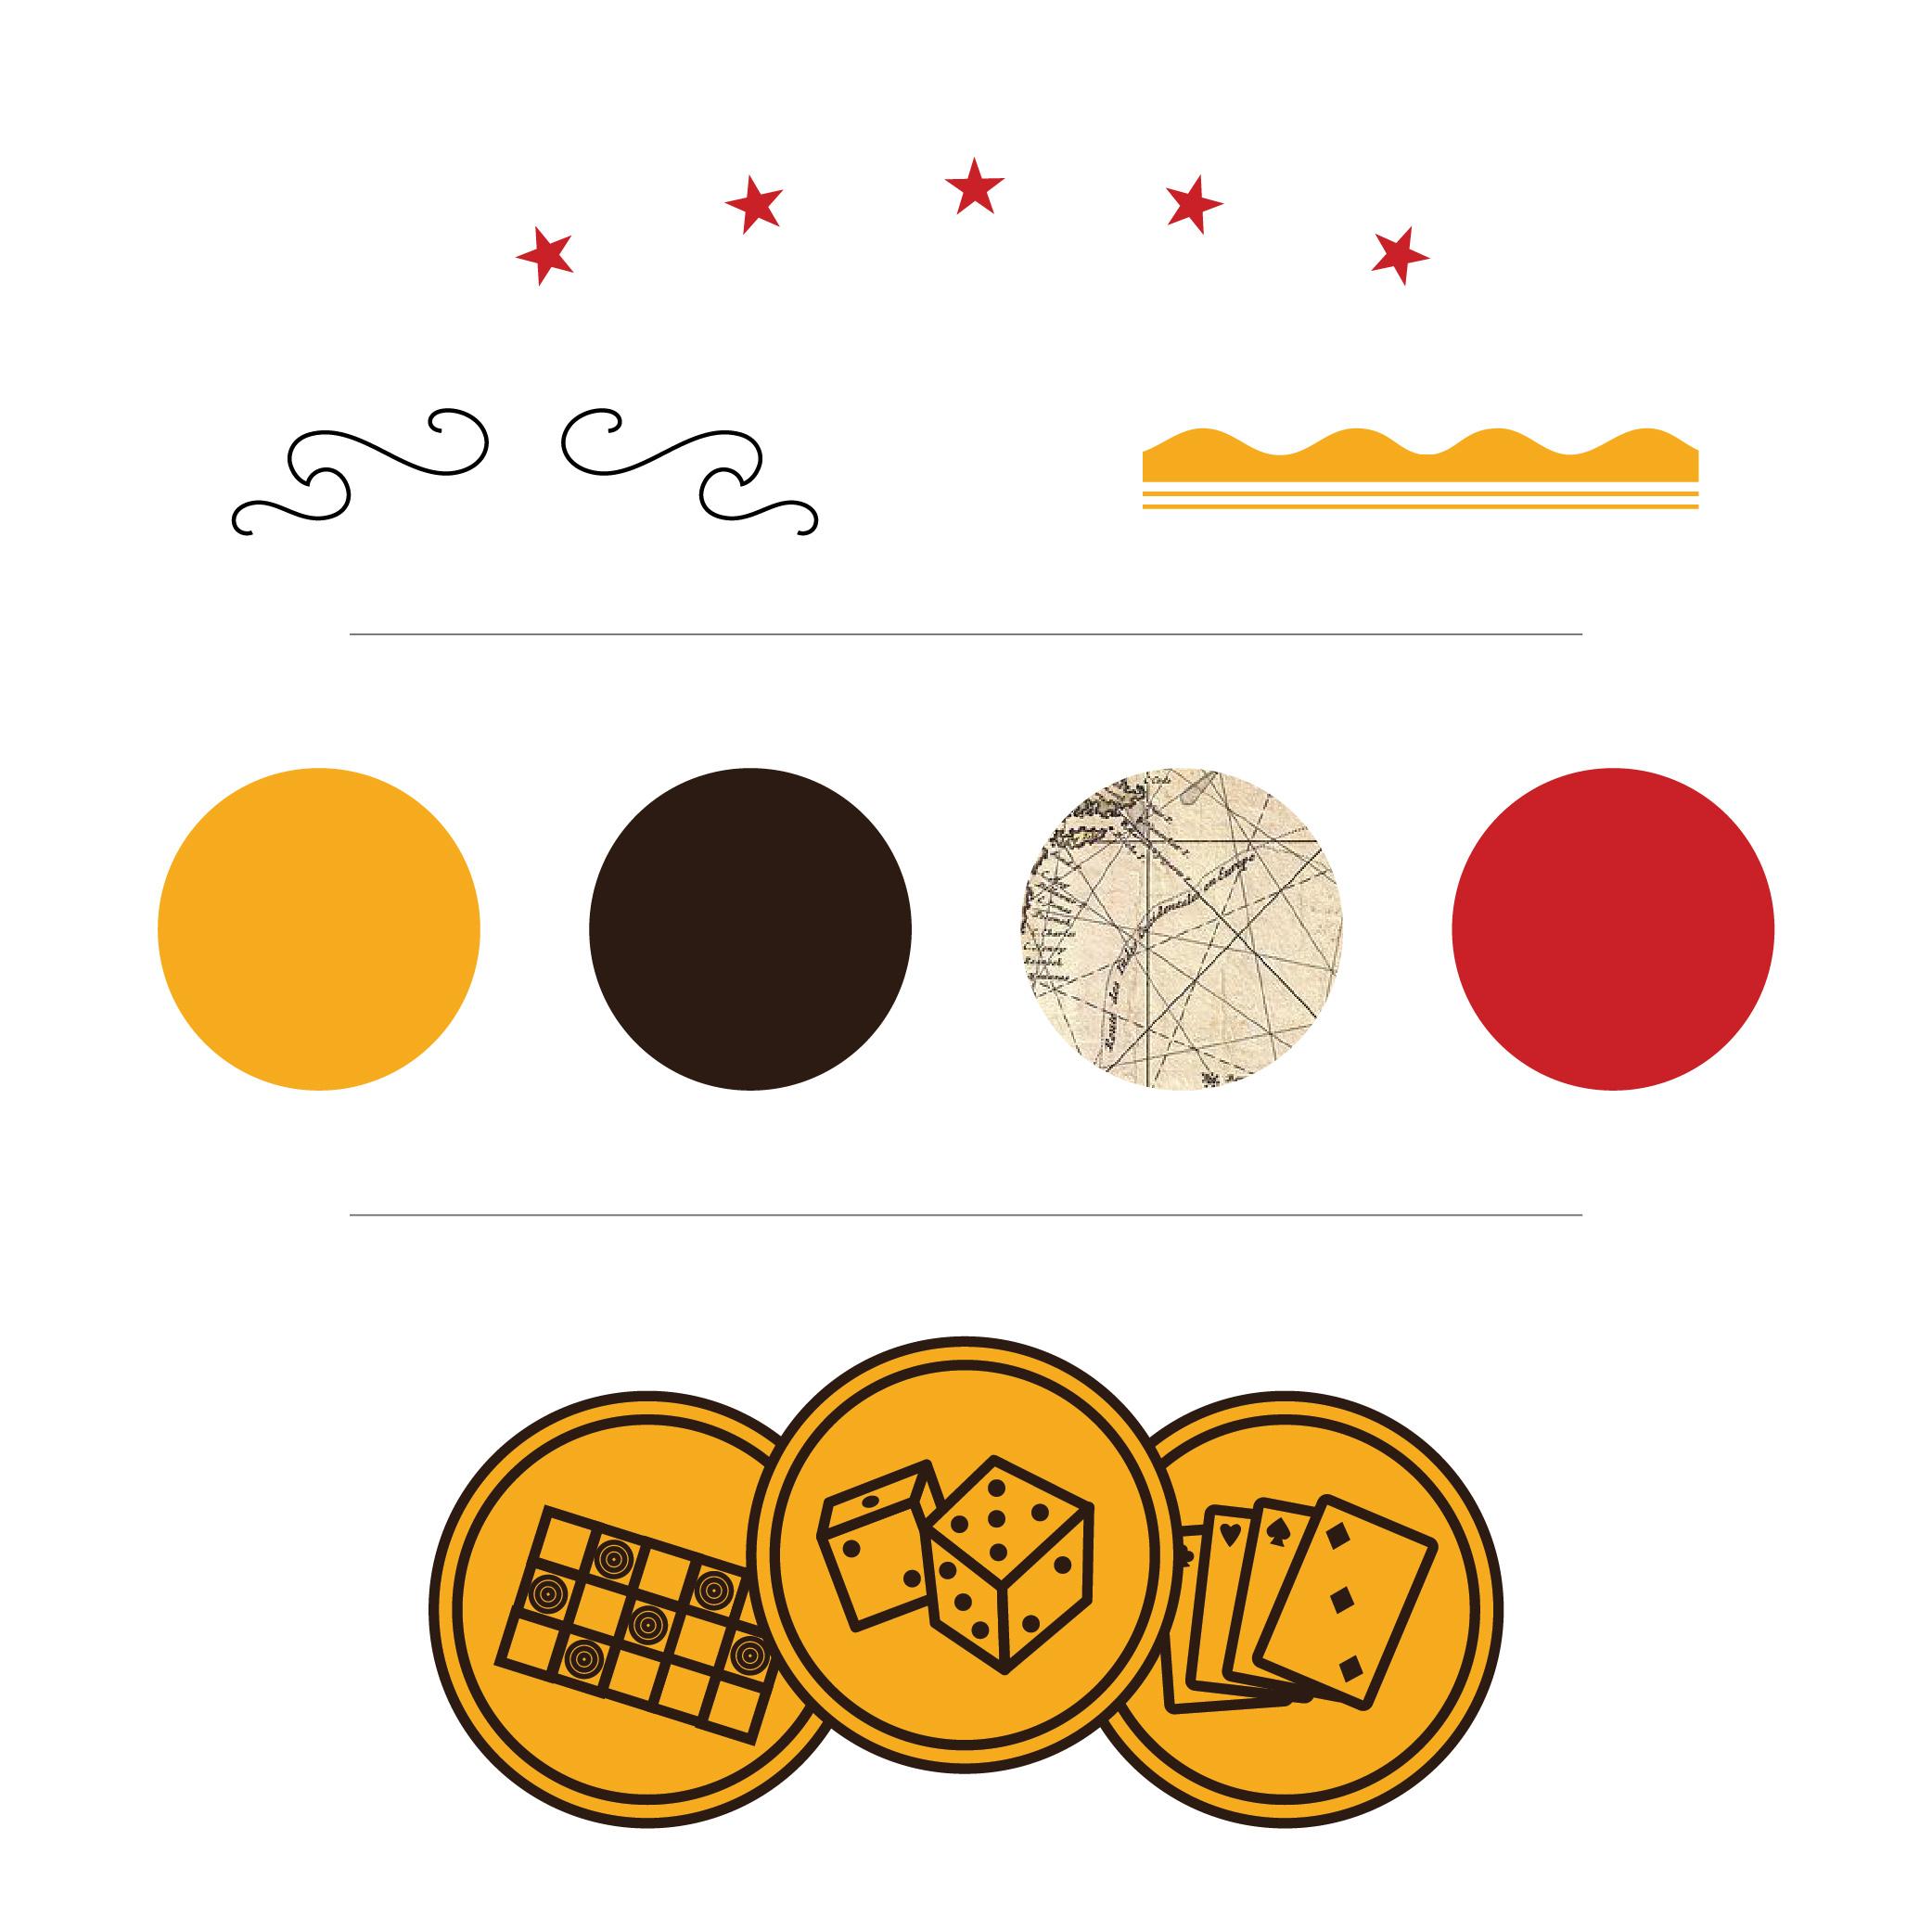 motif image-01.jpg